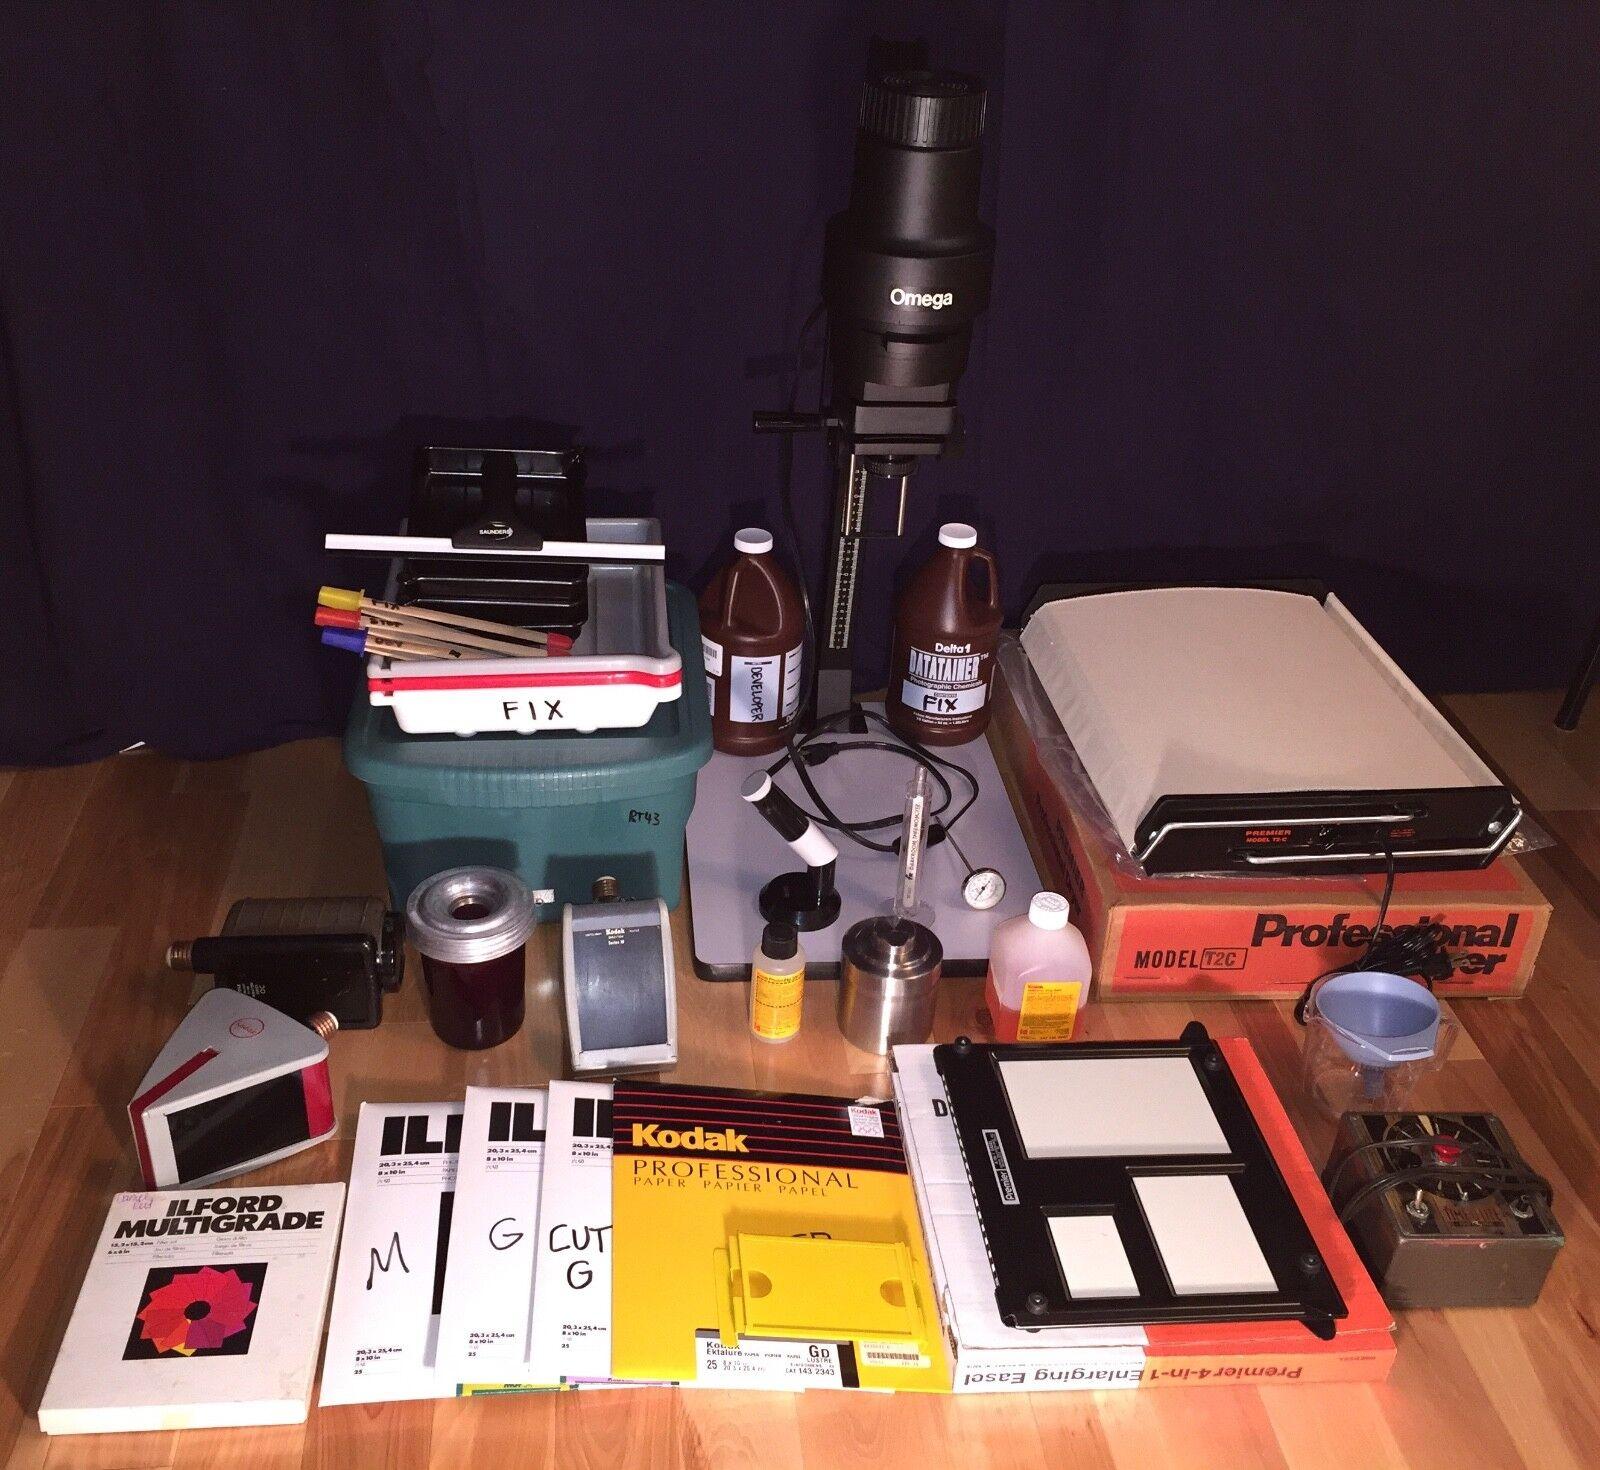 Фотоувеличитель Complete B&W darkroom Omega C700 enlarger Premier